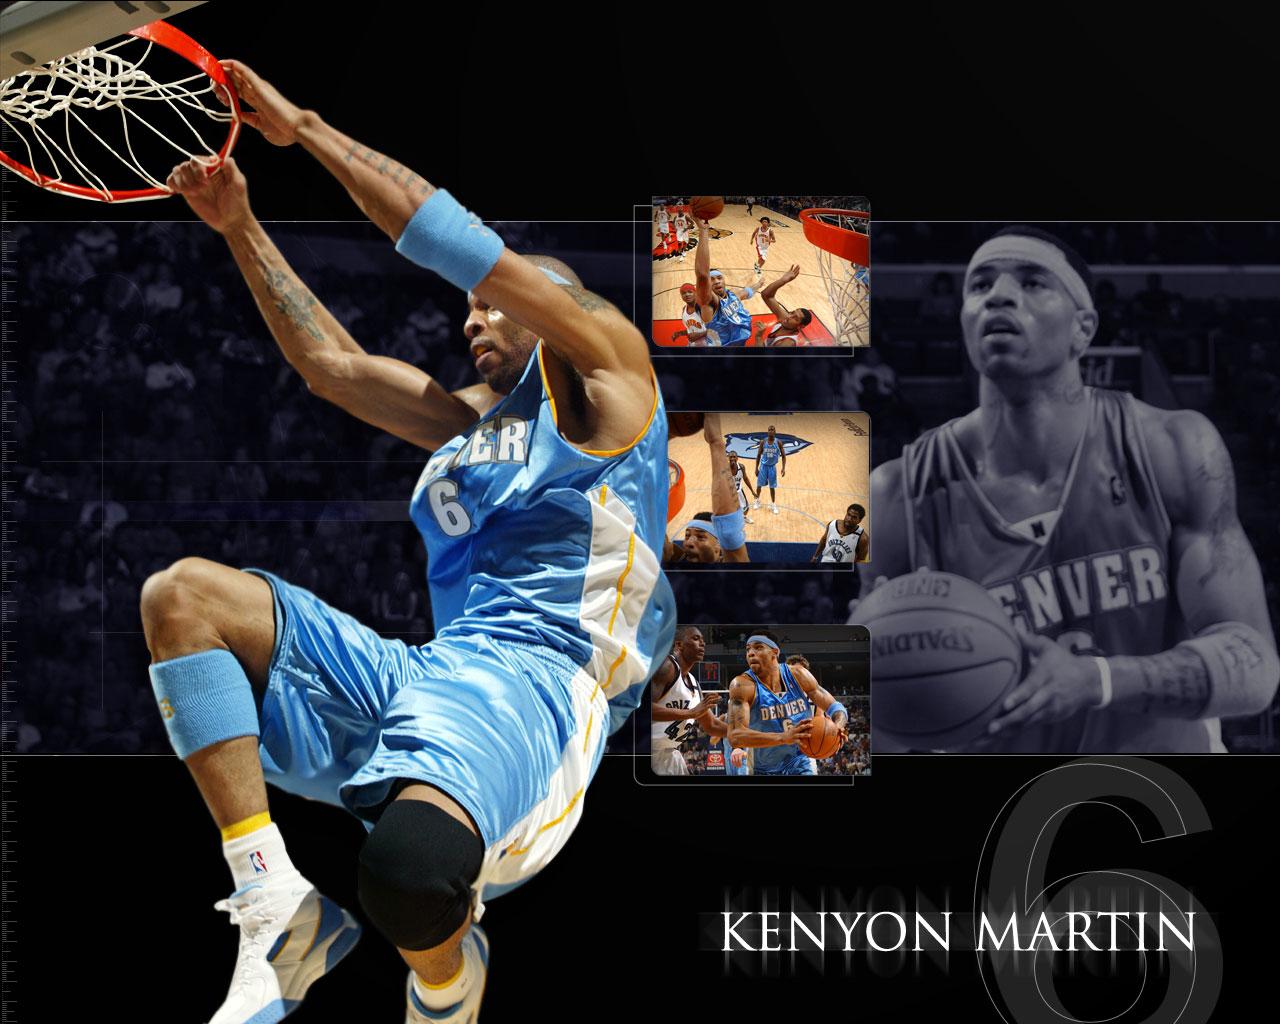 http://4.bp.blogspot.com/_0_IbsH3Iw48/TLu0tzMrqPI/AAAAAAAAC4I/vcHXIXlvut8/s1600/Kenyon-Martin-Nuggets-Wallpaper.jpg